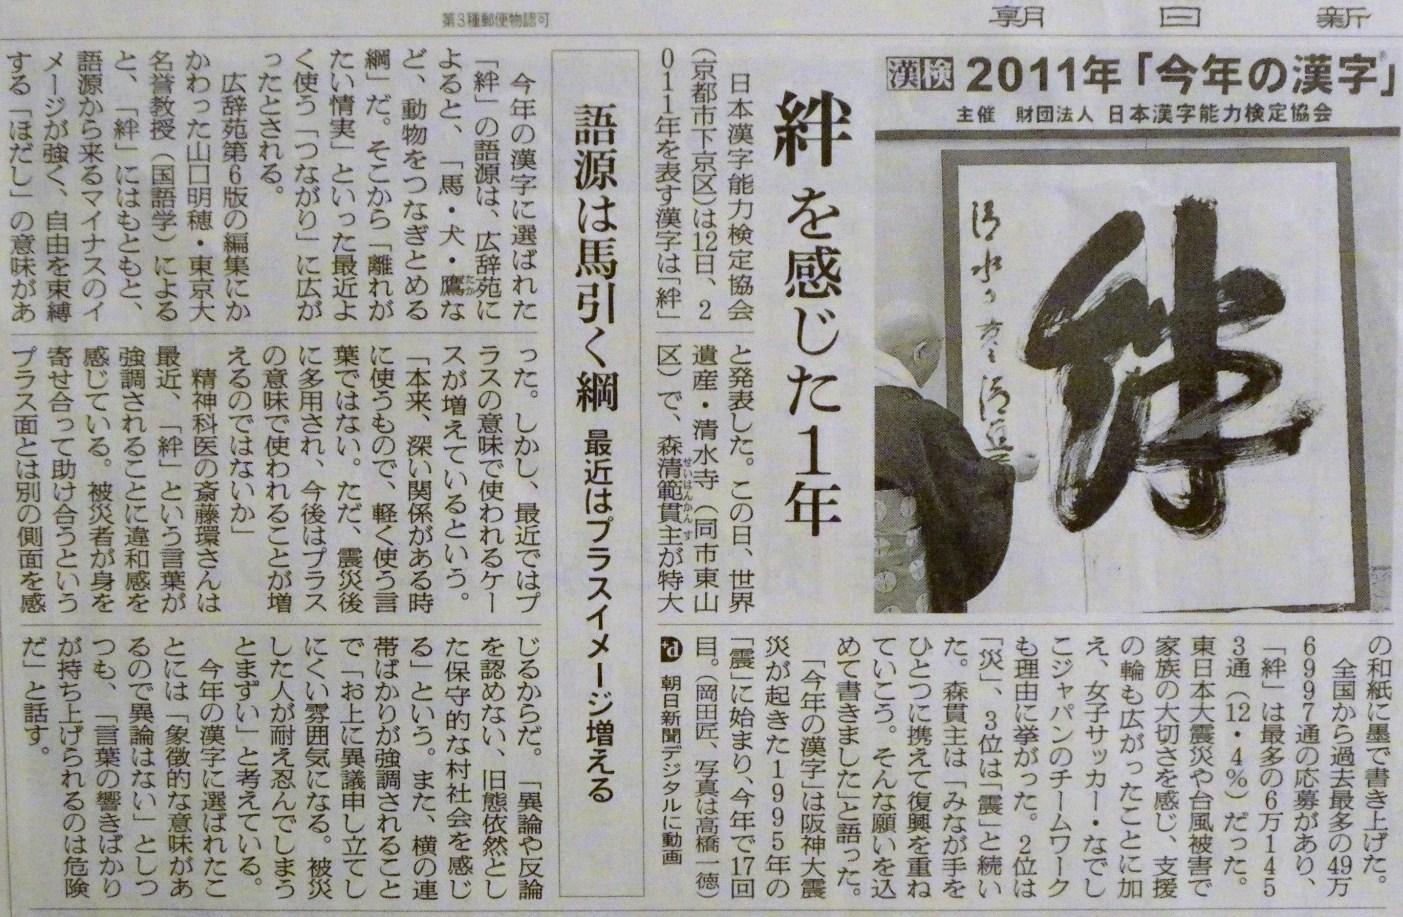 068kizuna.JPG (1403×917)2011 年度漢字「絆」